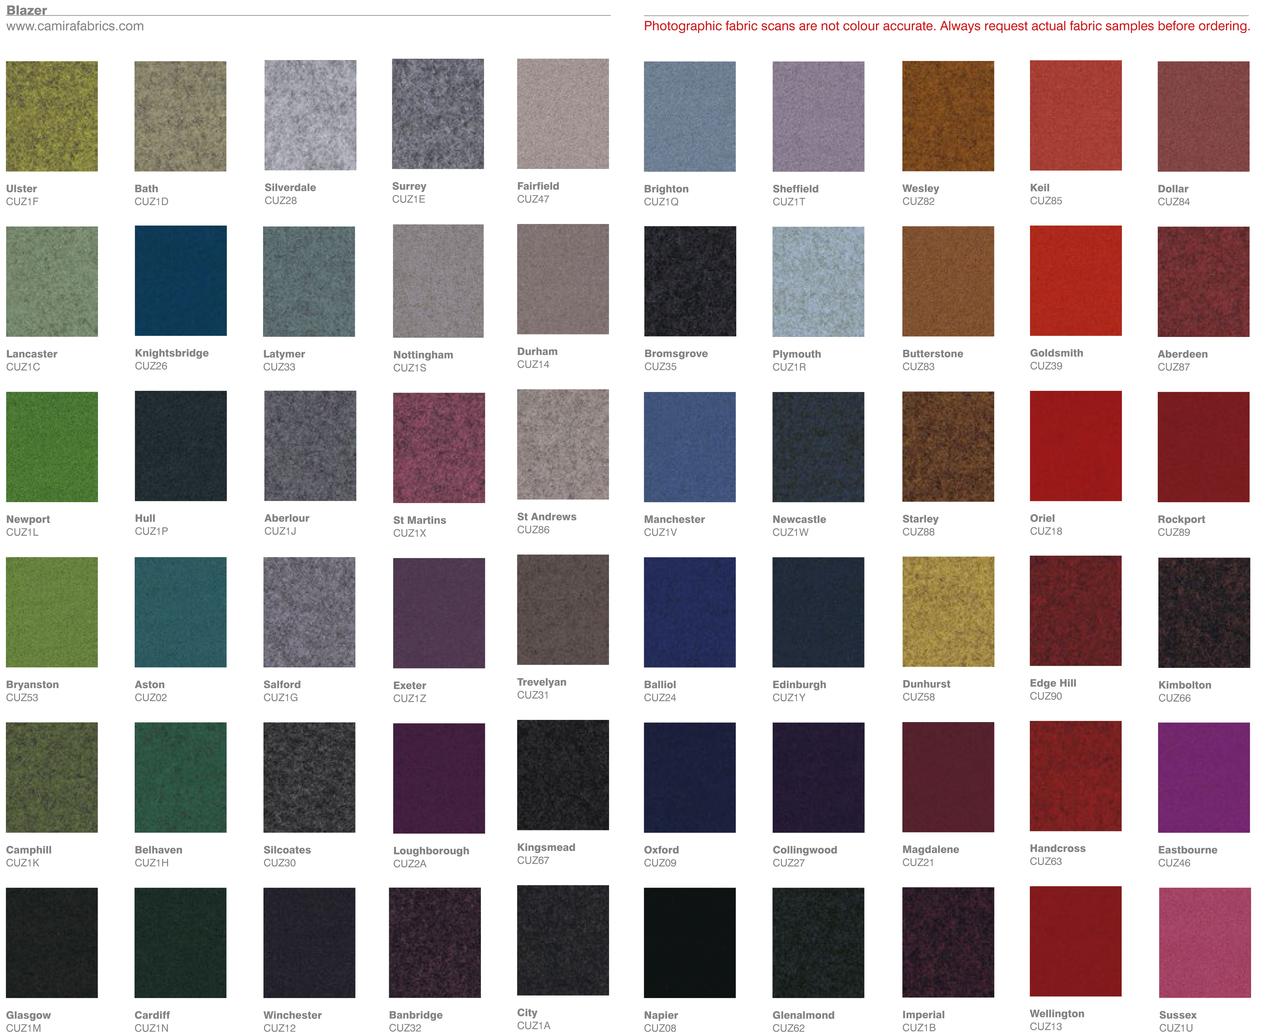 Image result for blazer fabrics